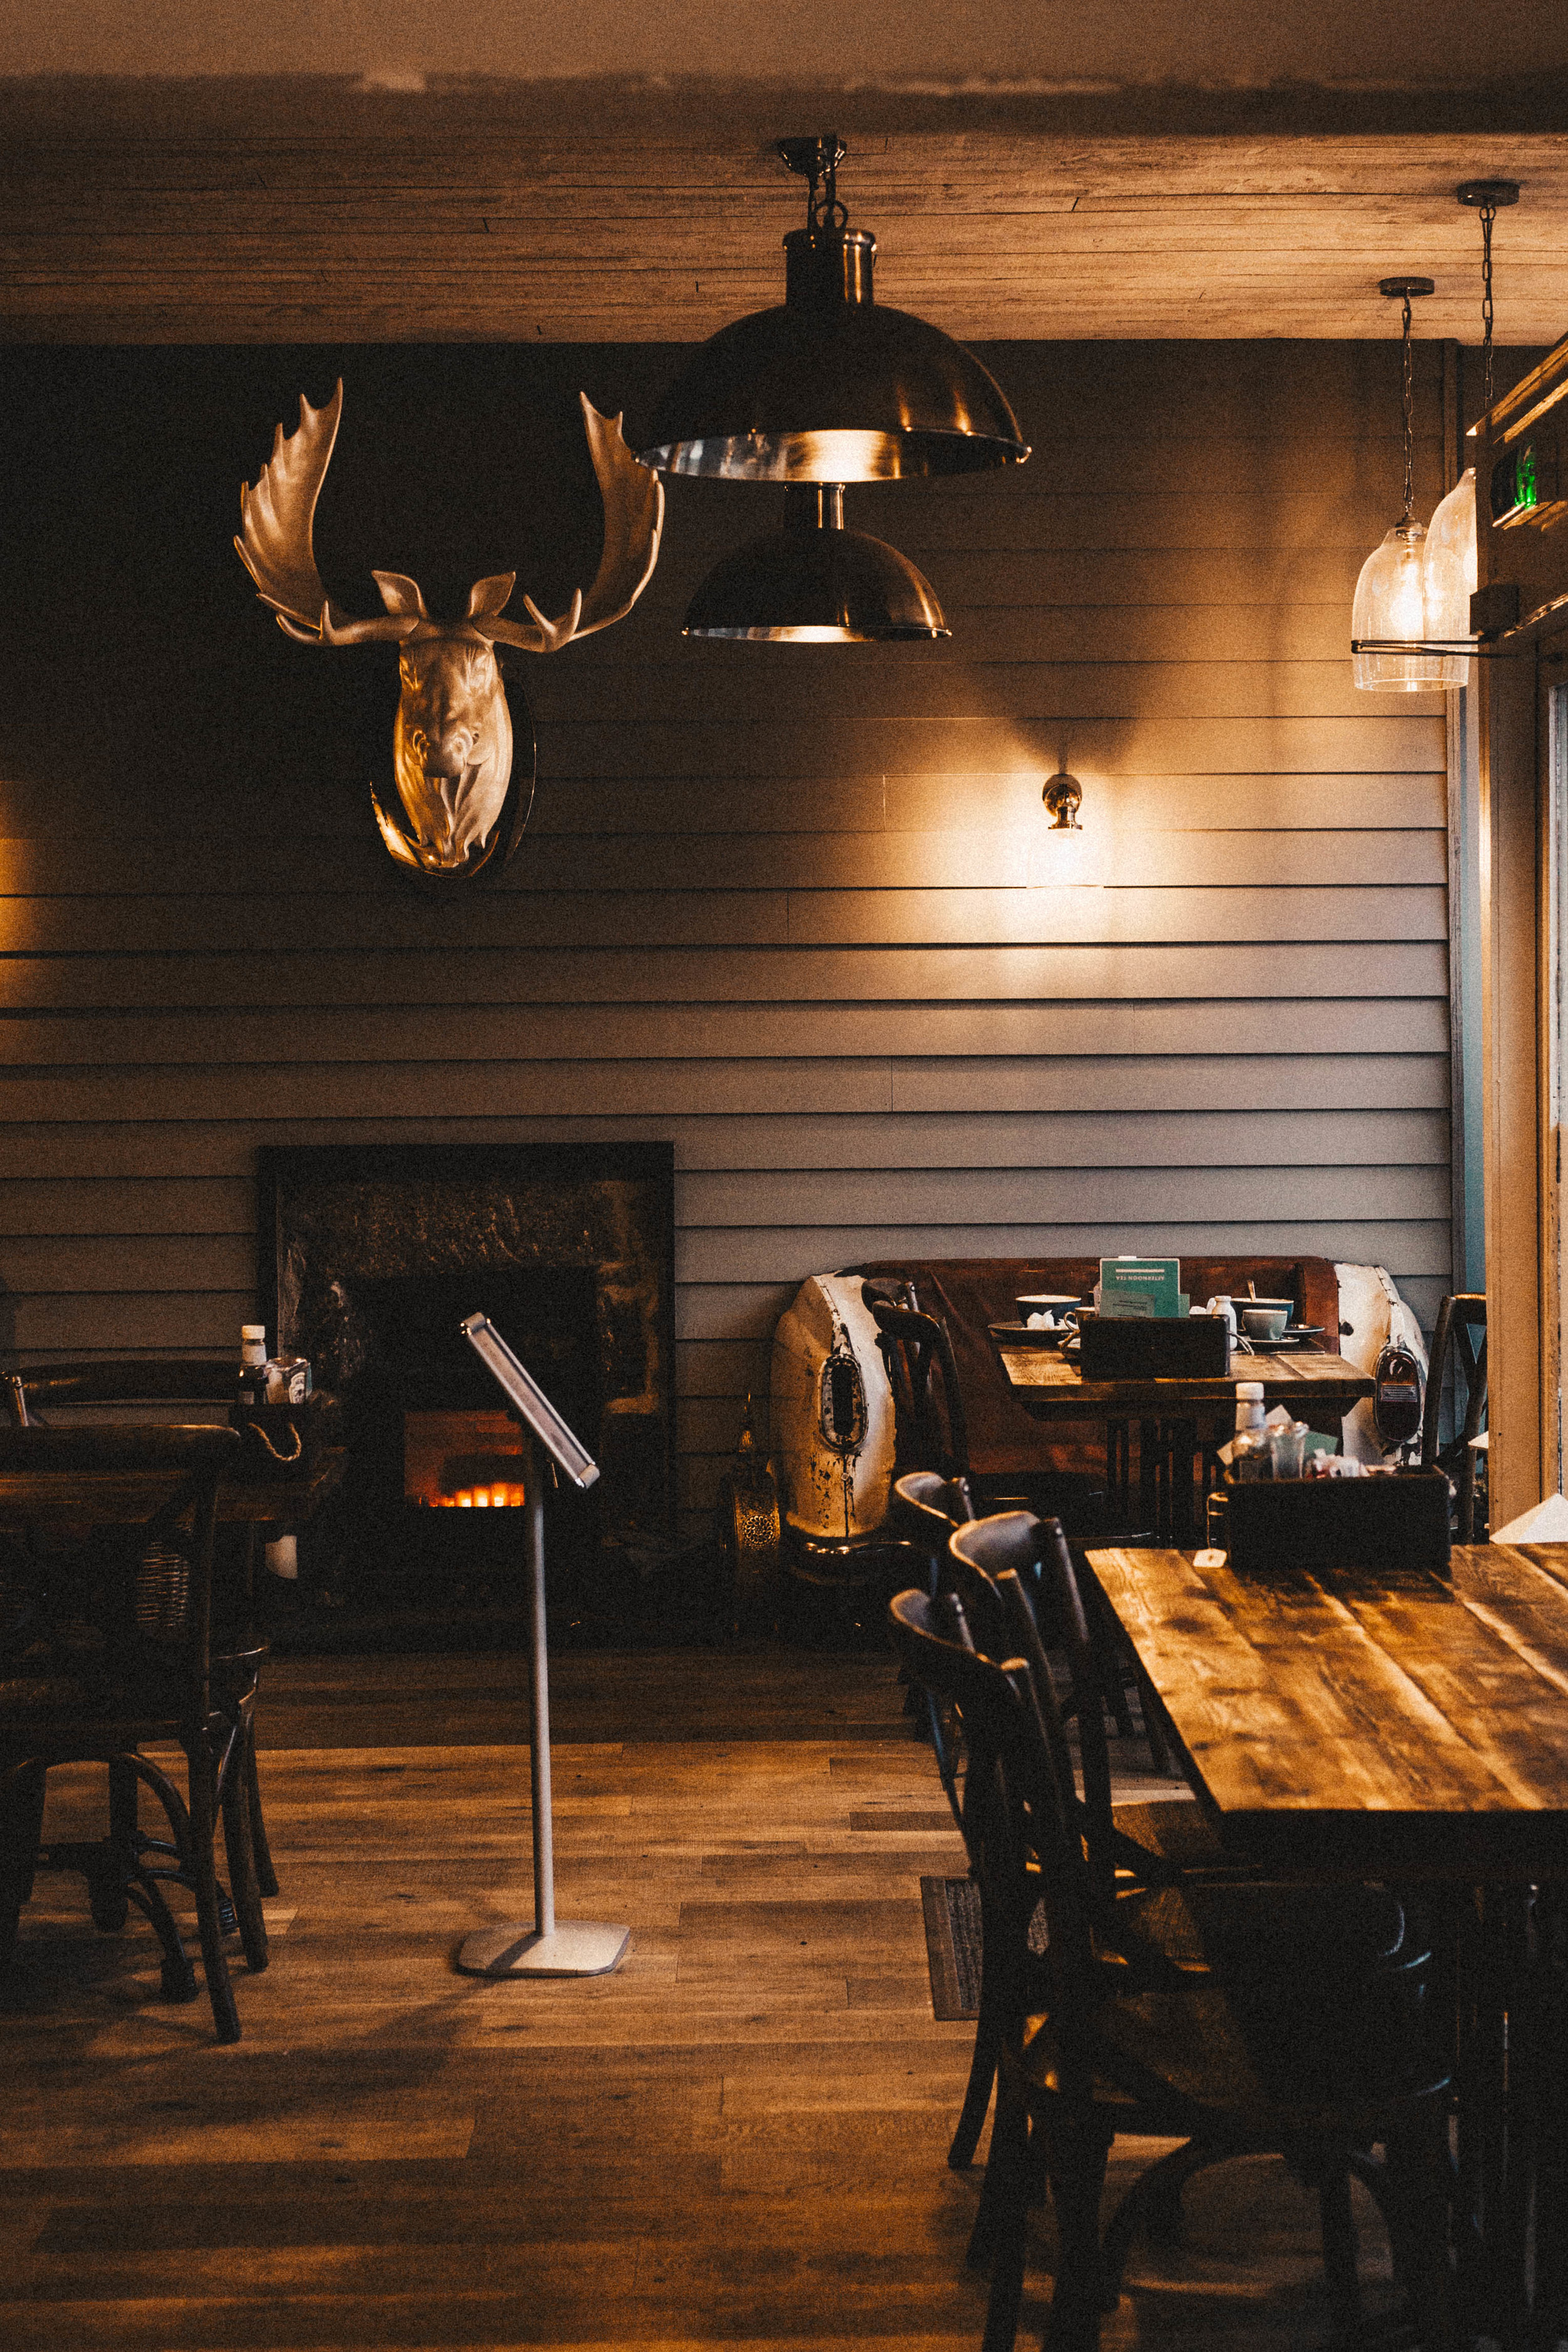 deer in cafe 2.jpg